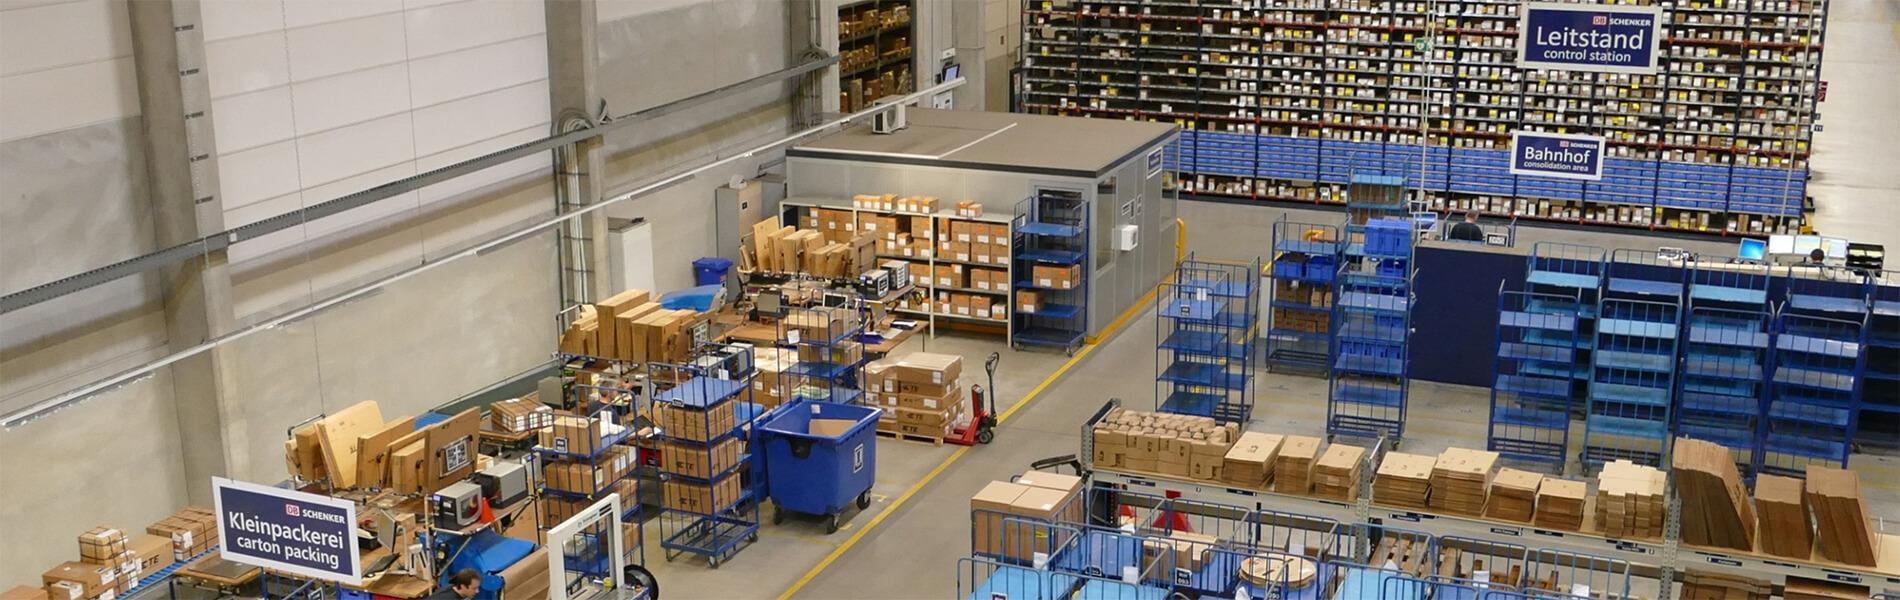 Lean Logistics kunden- und teamorientiert – Kontraktlogistik bei DB Schenker in Rodgau ausgezeichnet